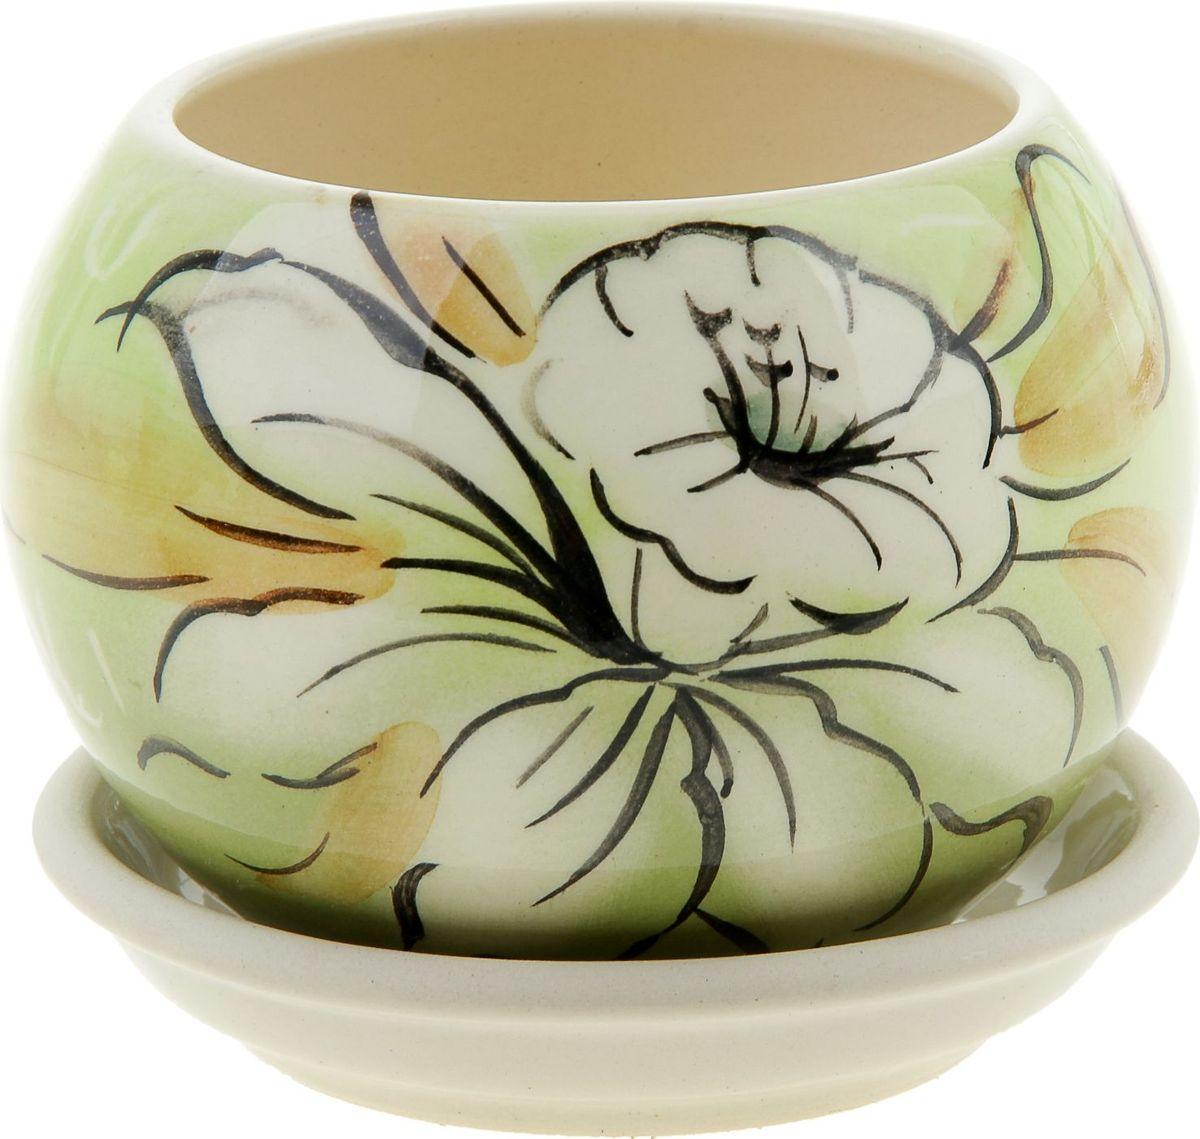 Кашпо Керамика ручной работы Шар. Нарцисс, 0,4 л835633Комнатные растения — всеобщие любимцы. Они радуют глаз, насыщают помещение кислородом и украшают пространство. Каждому из них необходим свой удобный и красивый дом. Кашпо из керамики прекрасно подходят для высадки растений: за счёт пластичности глины и разных способов обработки существует великое множество форм и дизайновпористый материал позволяет испаряться лишней влагевоздух, необходимый для дыхания корней, проникает сквозь керамические стенки! #name# позаботится о зелёном питомце, освежит интерьер и подчеркнёт его стиль.